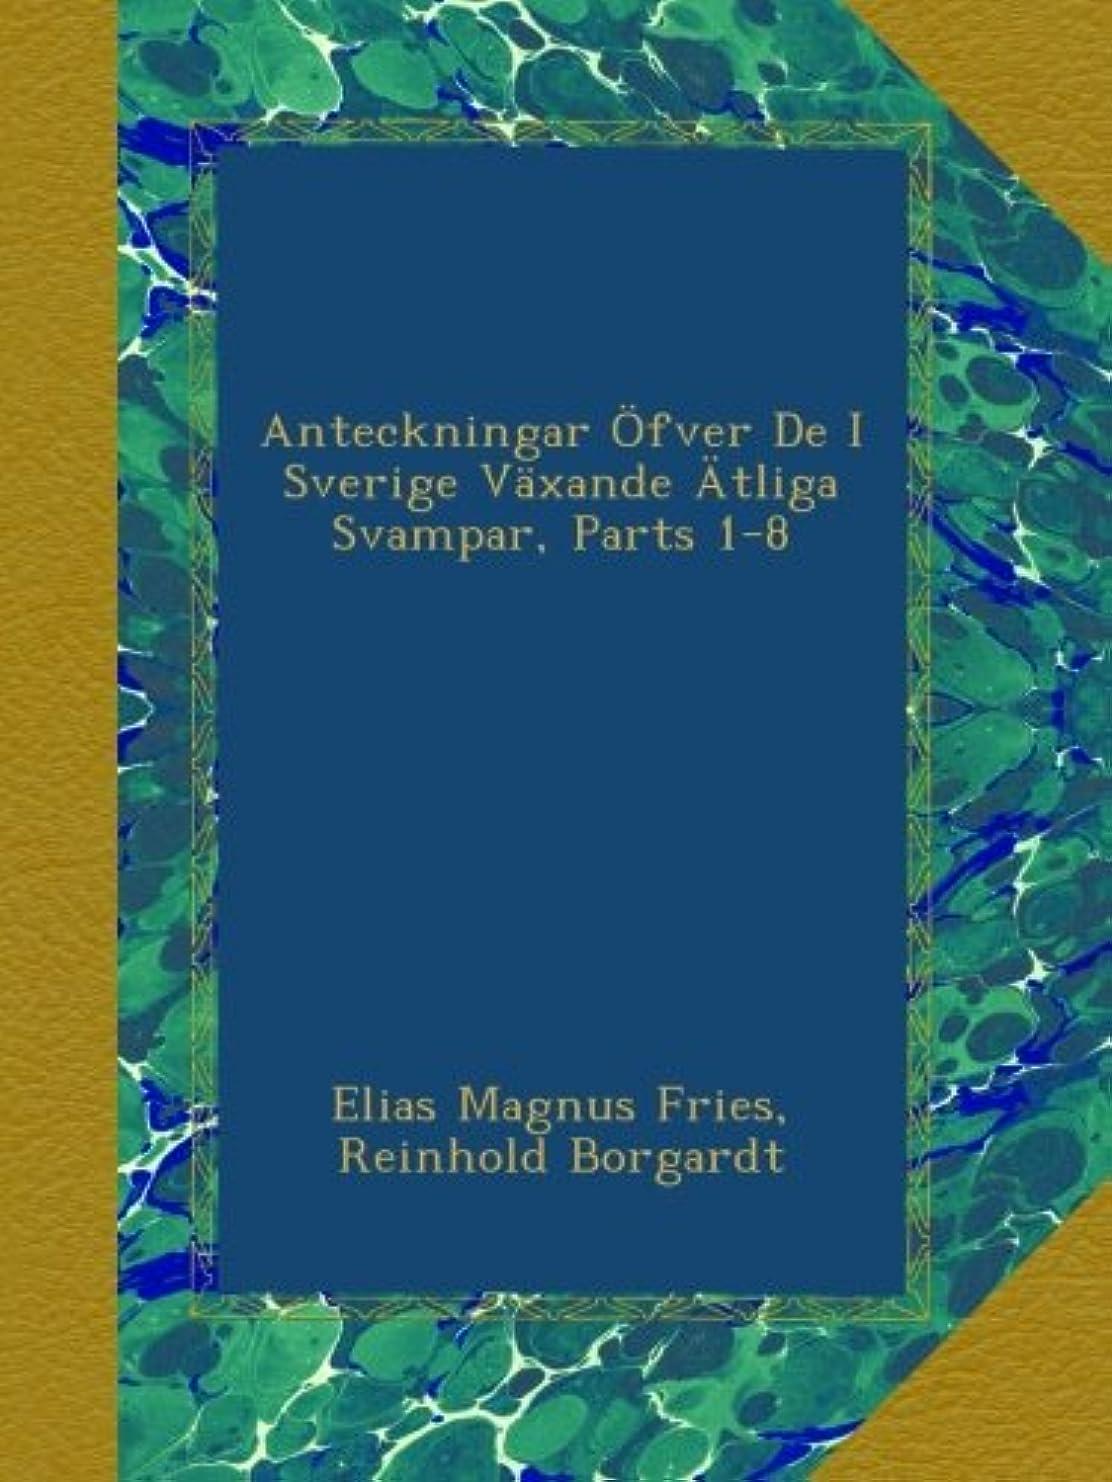 緯度シェルター混合したAnteckningar Oefver De I Sverige Vaexande Aetliga Svampar, Parts 1-8